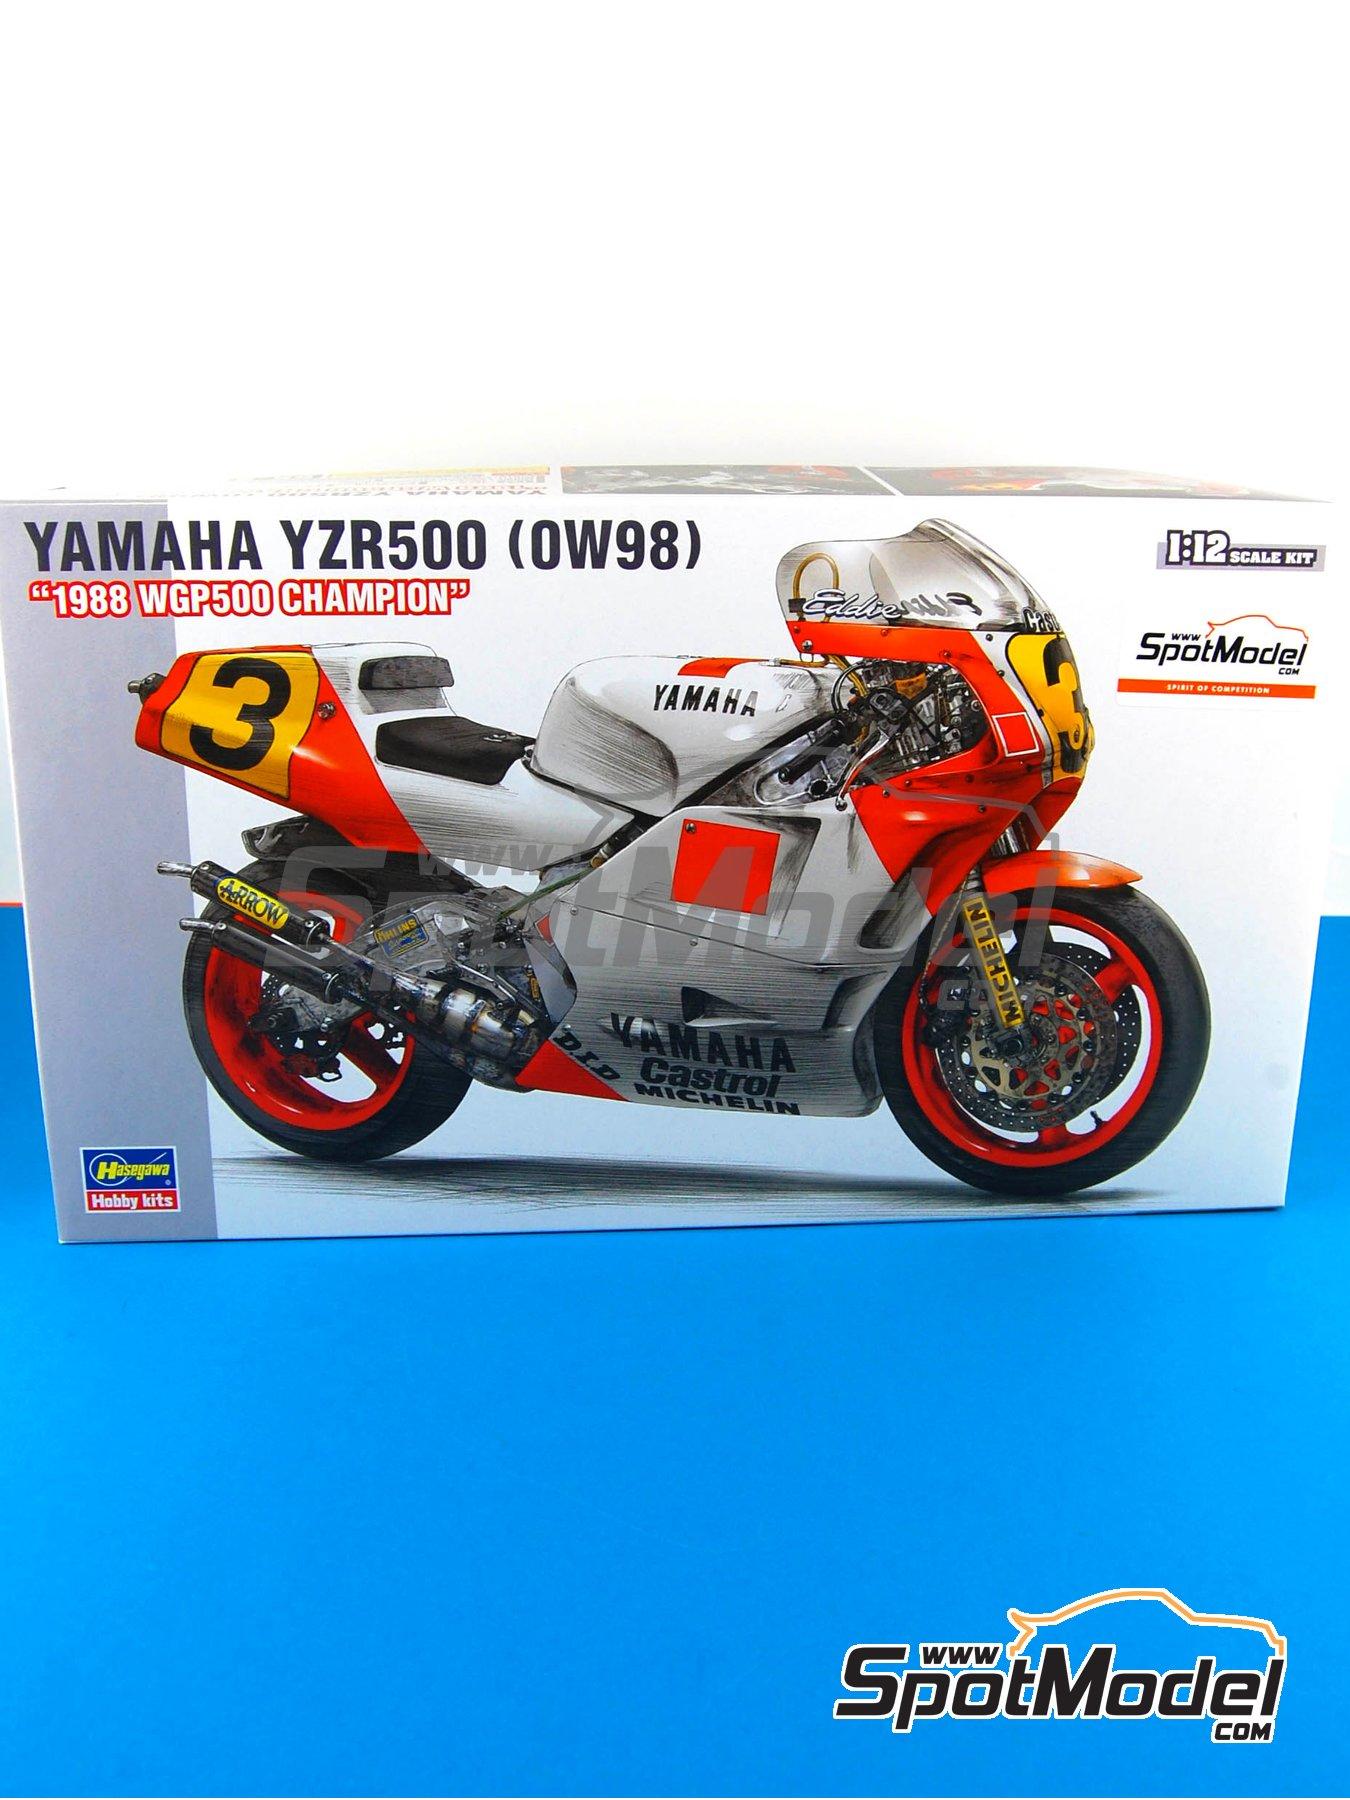 Yamaha YZR500 OW98 Marlboro - Campeonato del Mundo de Motociclismo 1988 | Maqueta de moto en escala1/12 fabricado por Hasegawa (ref.21503, tambien BK-3) image